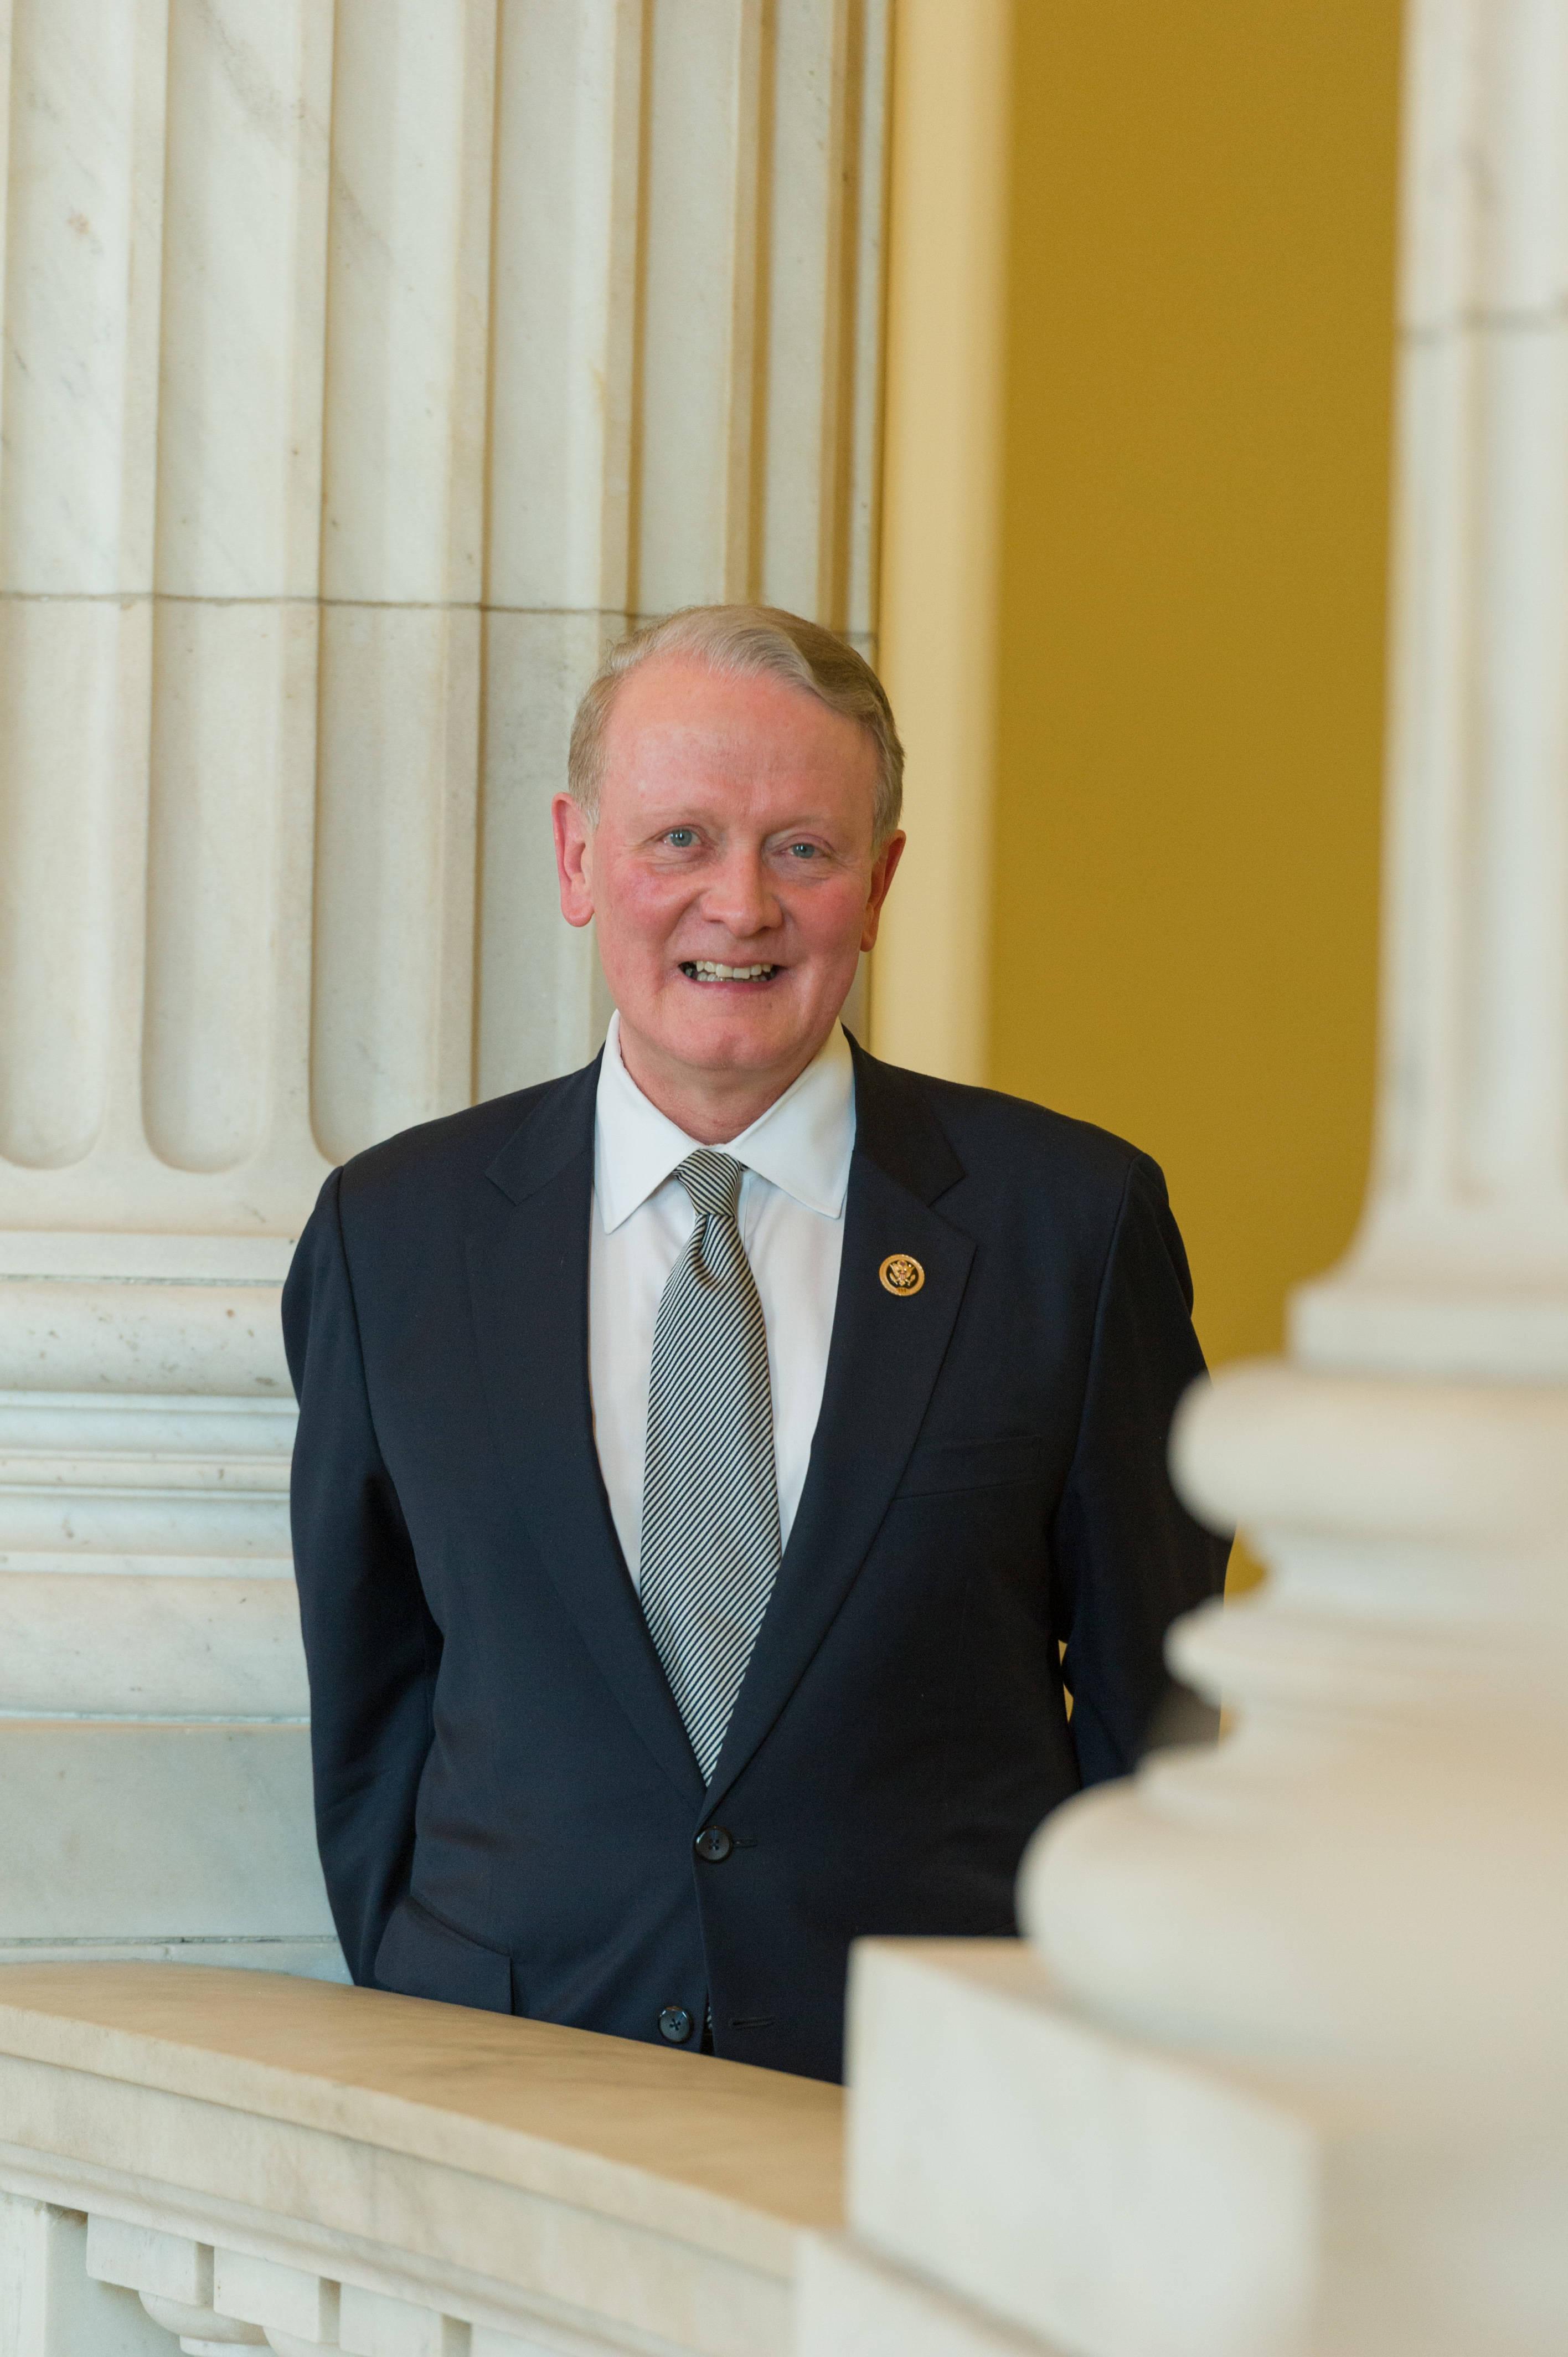 ffa491ebdc16b5f38103_Congressman-Leonard-Lance_official-portrait.jpg